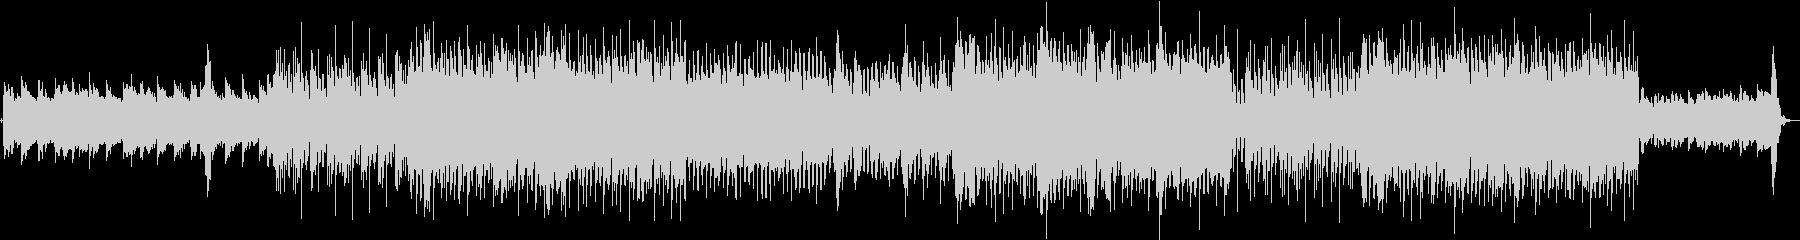 コールドプレイピアノスタイル。ポッ...の未再生の波形